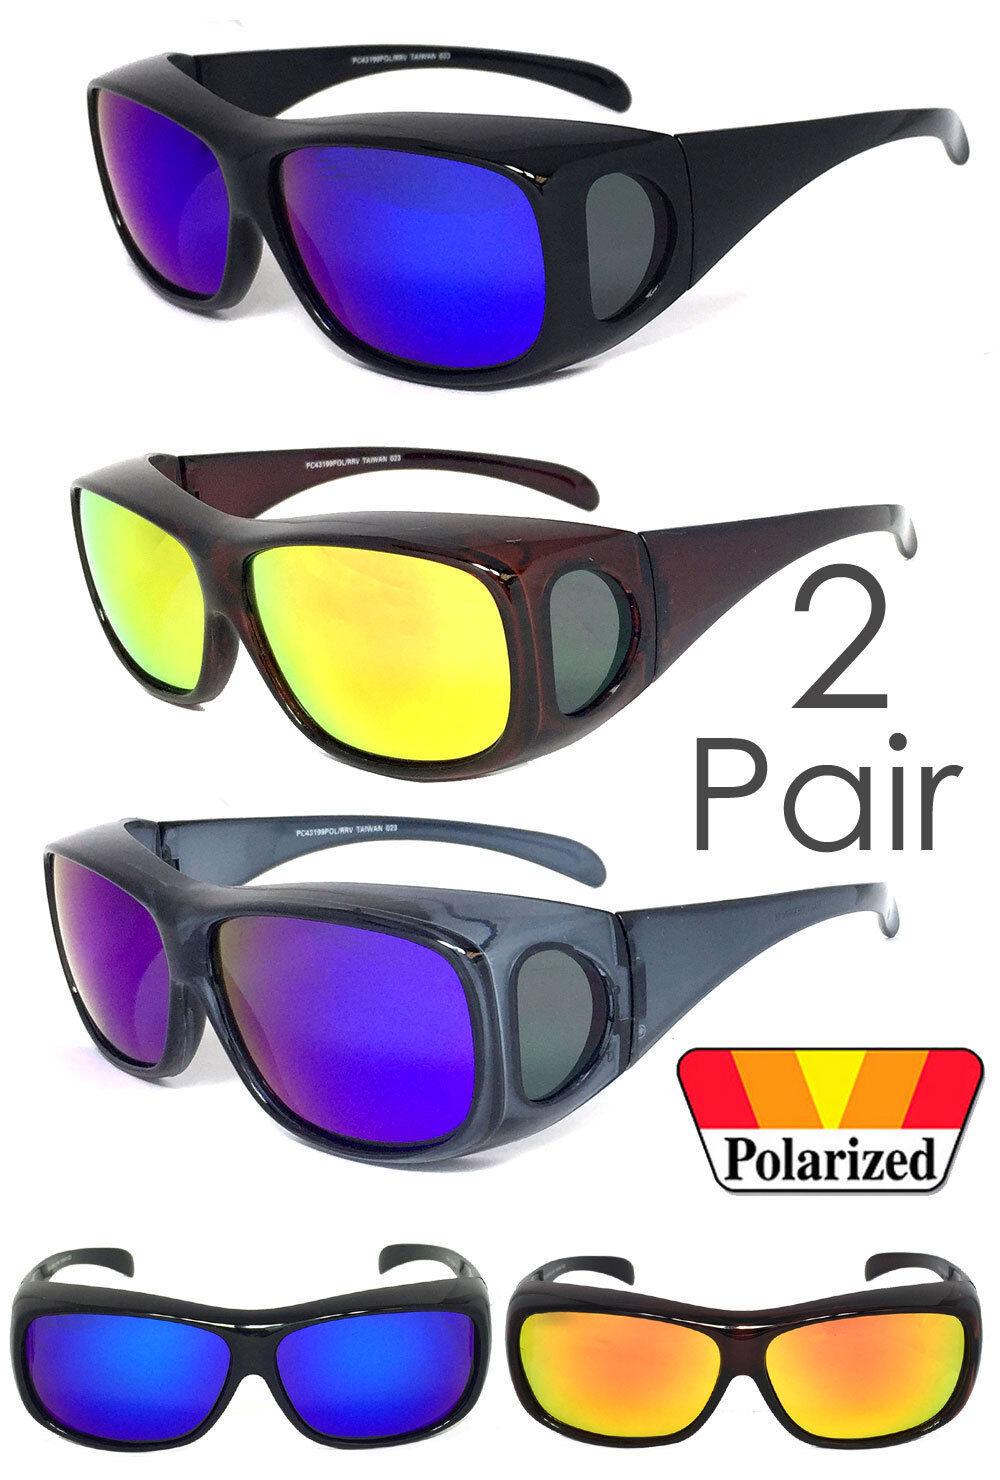 2 Paire Polarisé Miroir Lentille Pour Sur Lunettes de Soleil Cache Rx UV Protect